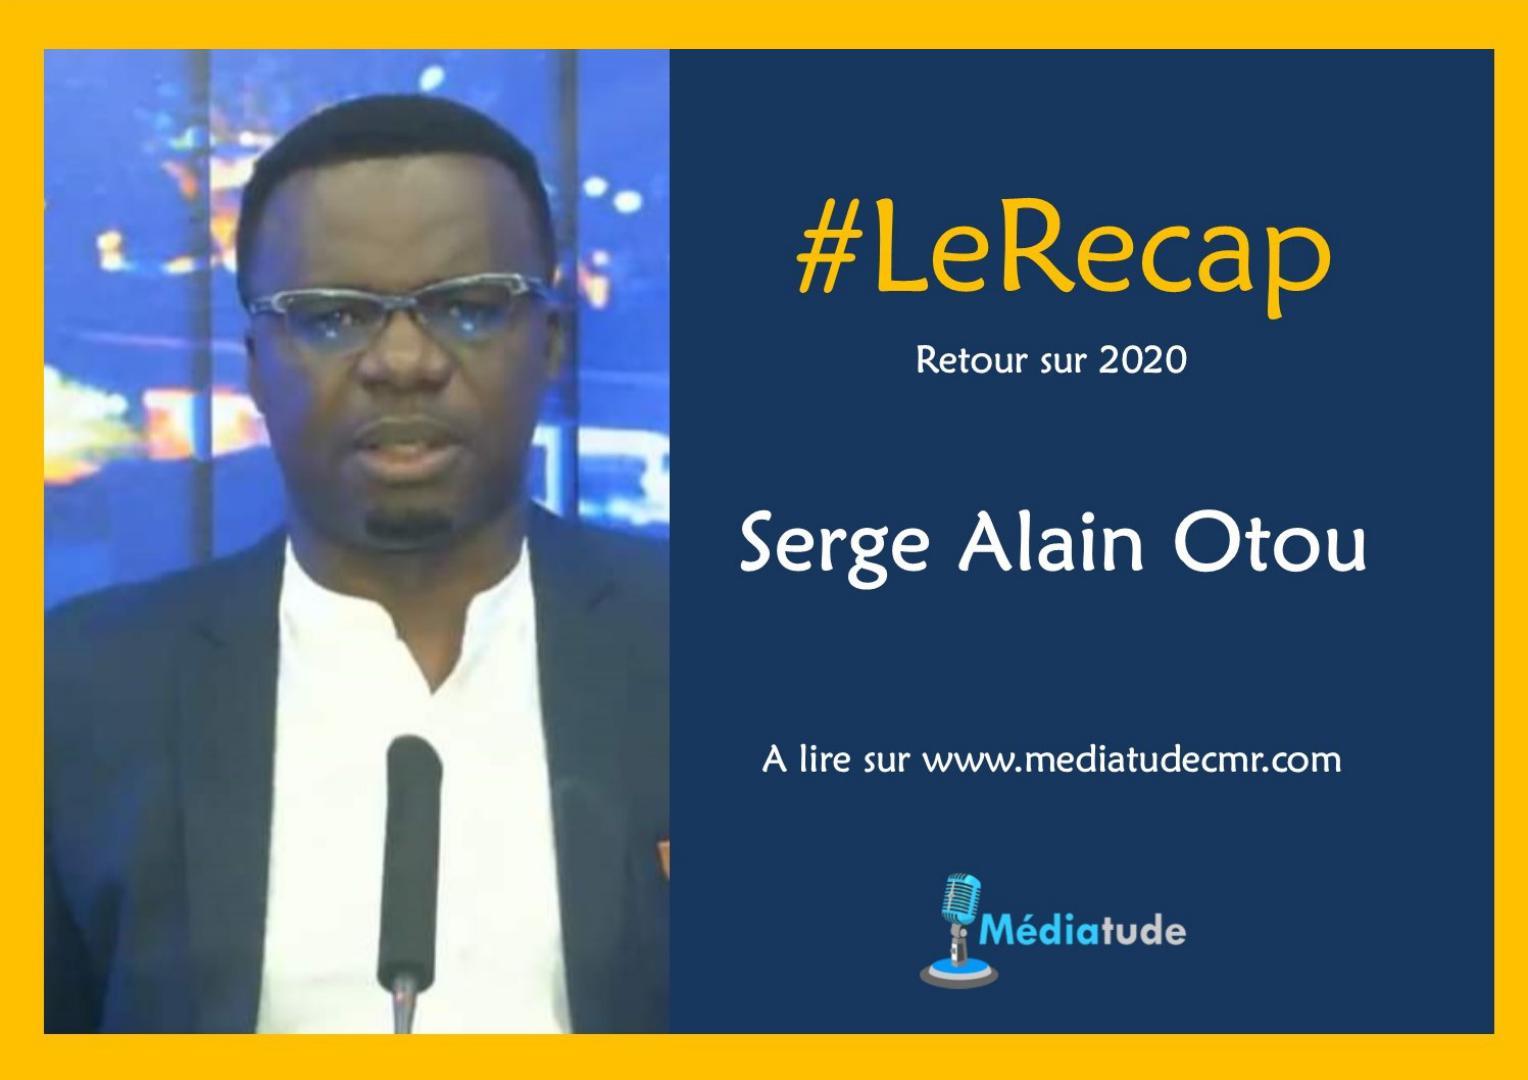 Serge Alain Otou fait son recap de l'année média 2020